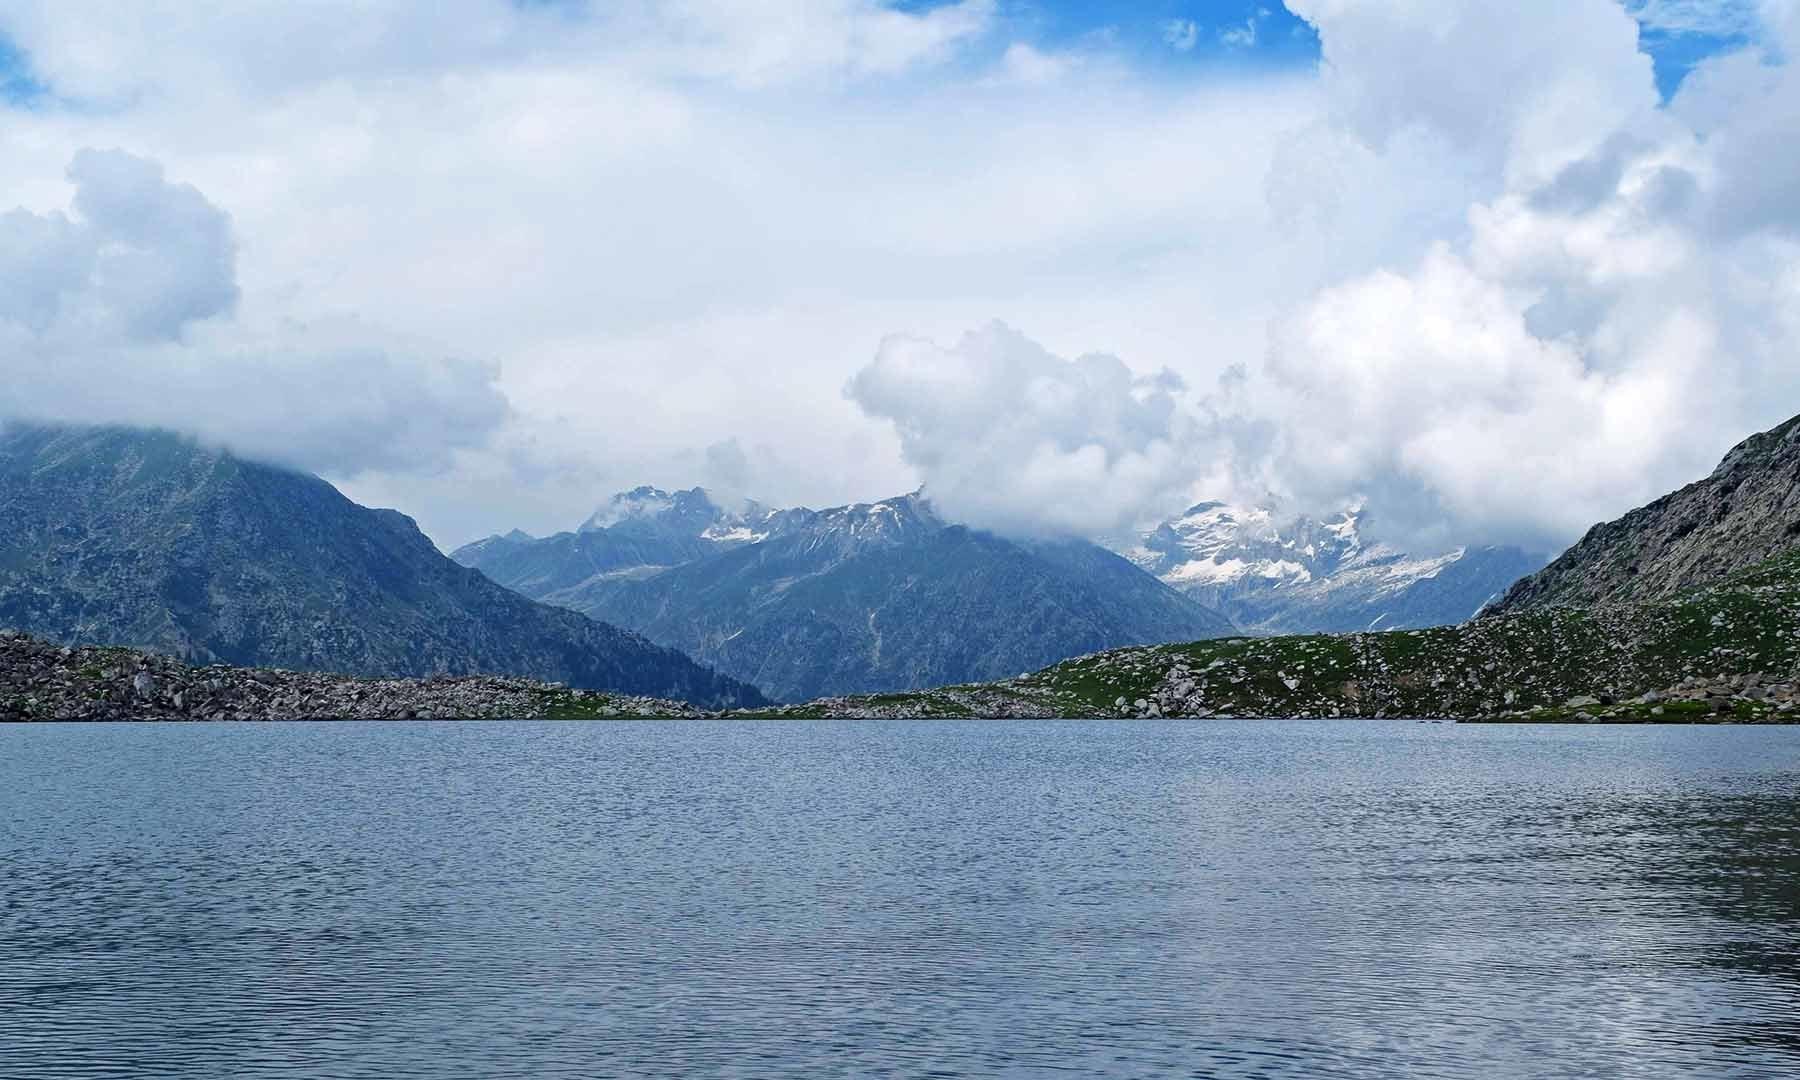 جھیل اتنی وسیع ہے کہ اس کا چکر لگانے میں تقریباً ڈیڑھ گھنٹہ لگتا ہے۔